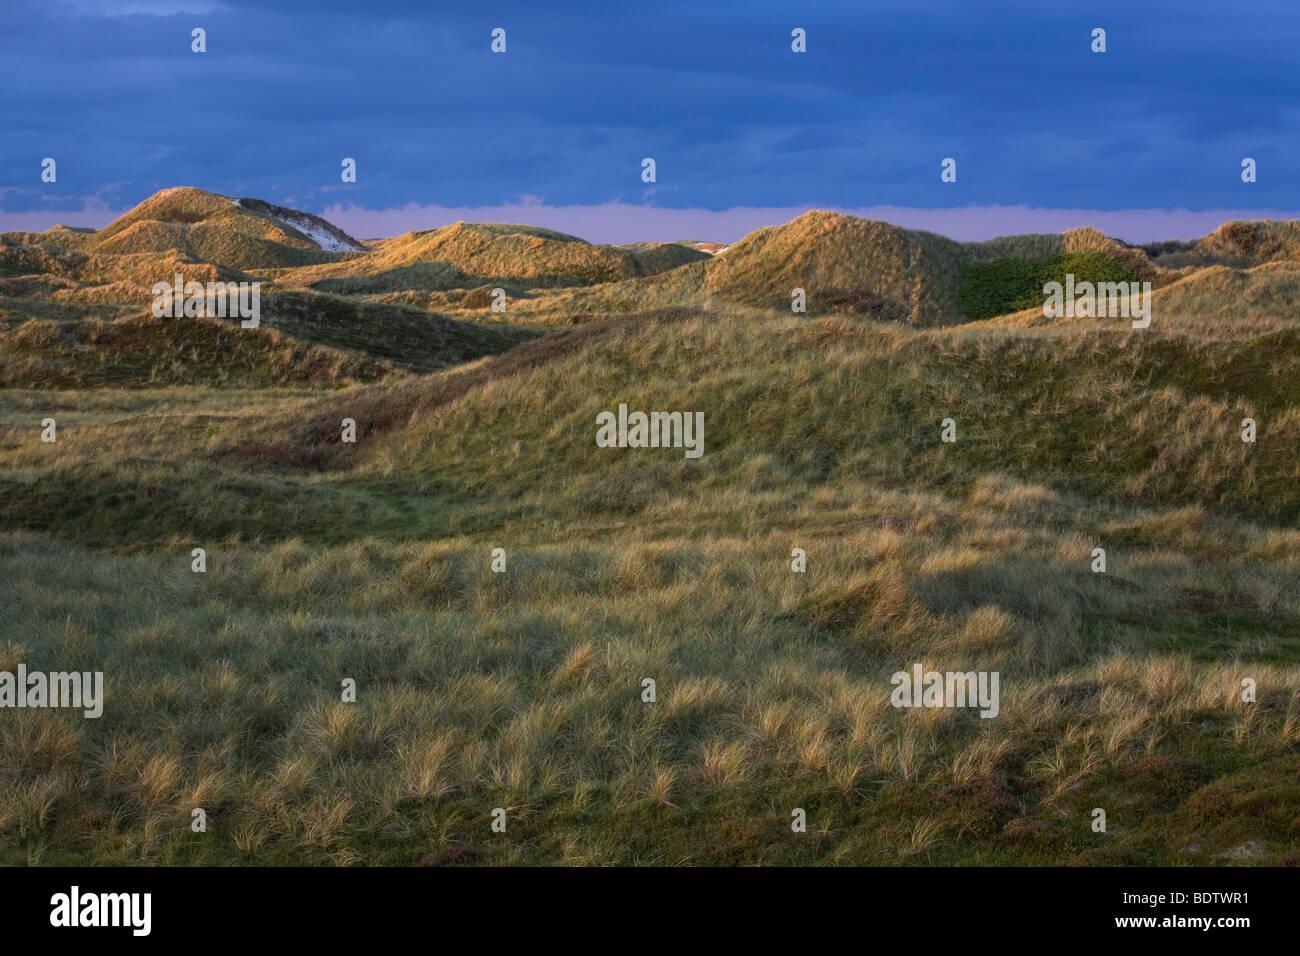 Duenenlandschaft, Dune scenery / Jylland - Denmark - Stock Image